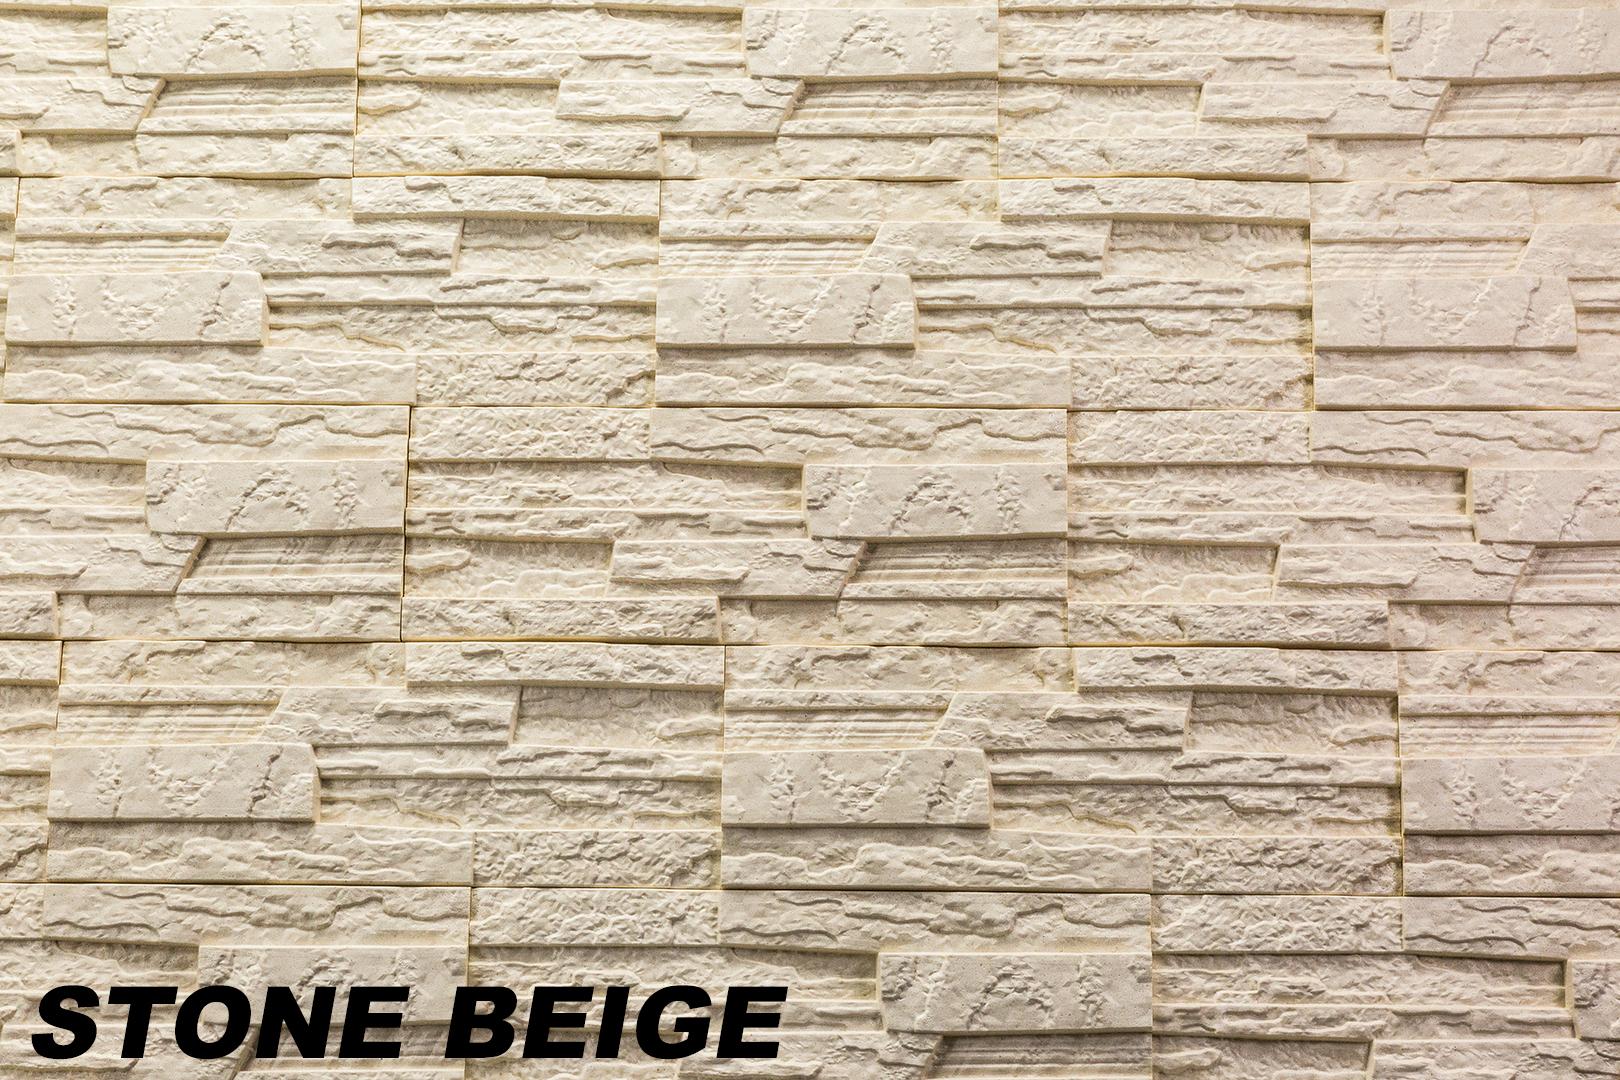 10 m eps dekorsteine wanddekoration styropor platten verkleidung stone beige ebay. Black Bedroom Furniture Sets. Home Design Ideas